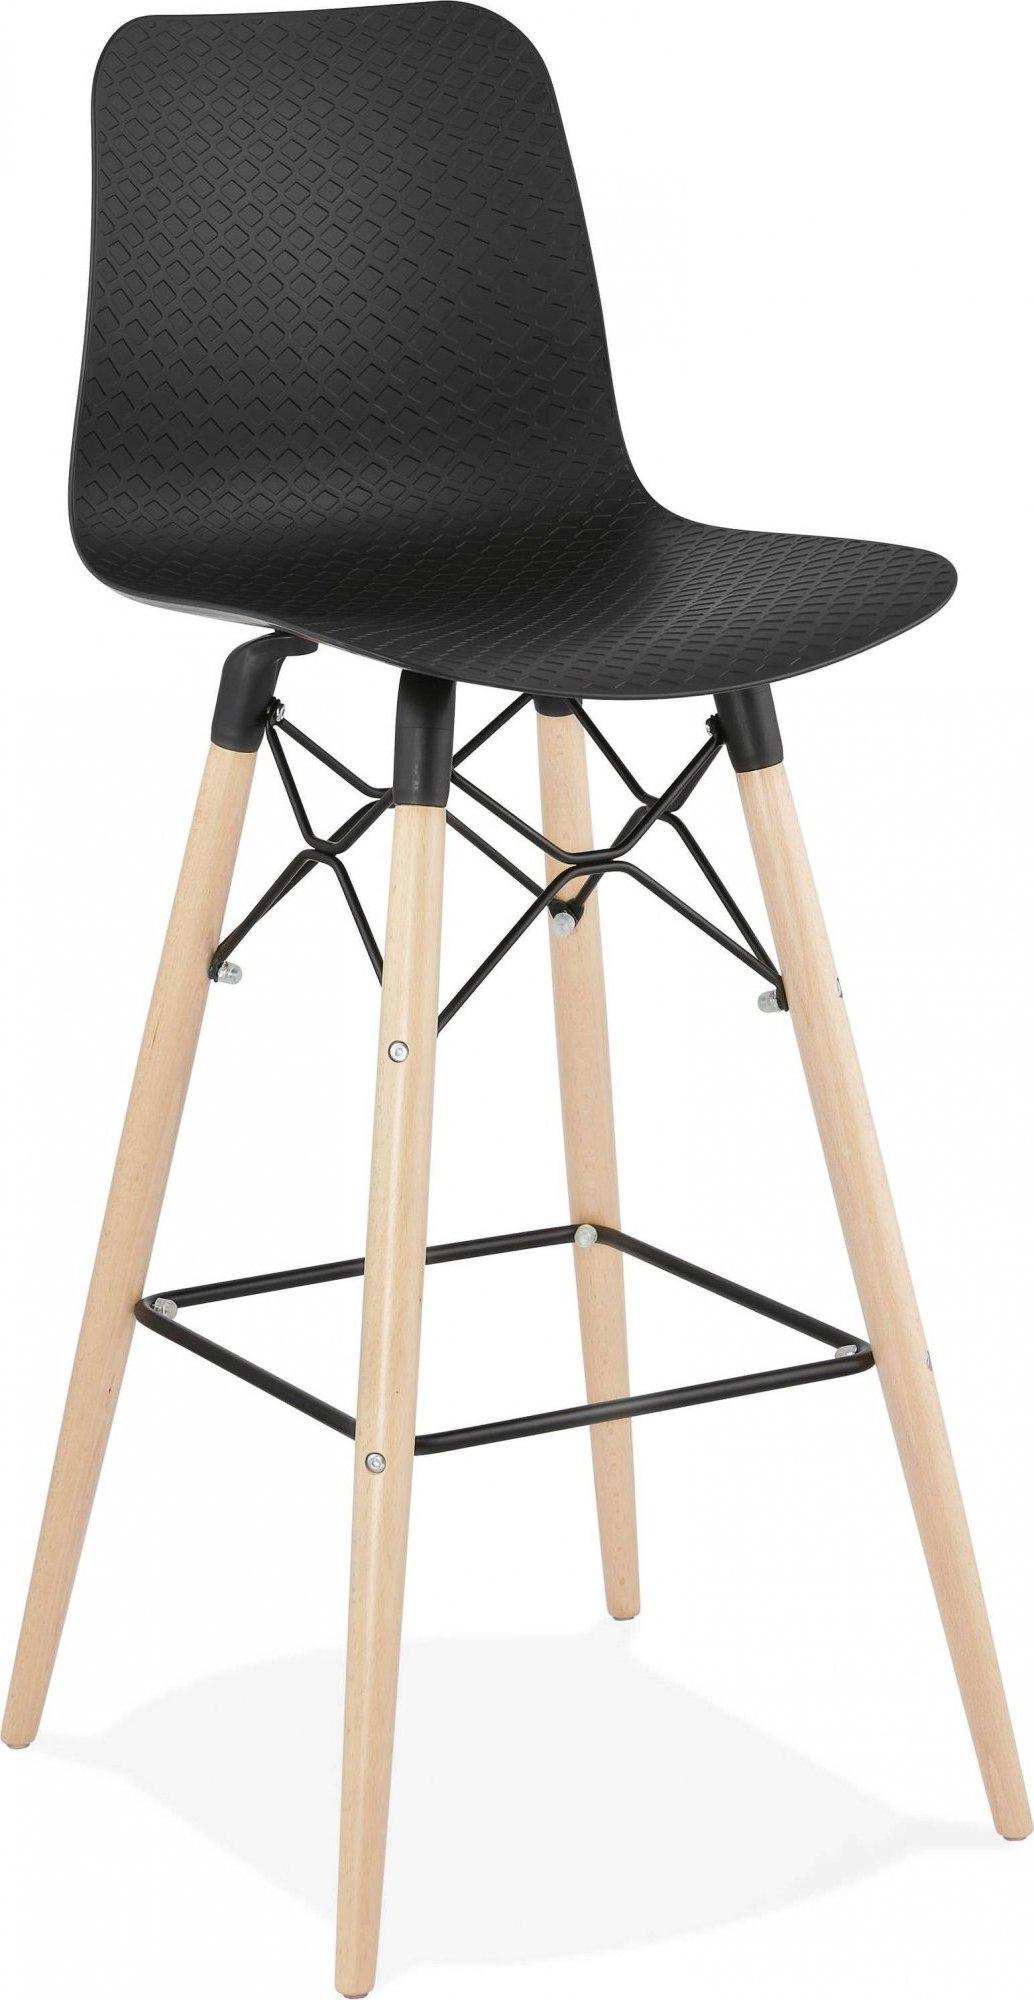 Tabouret de bar scandinave noir pieds bois clair